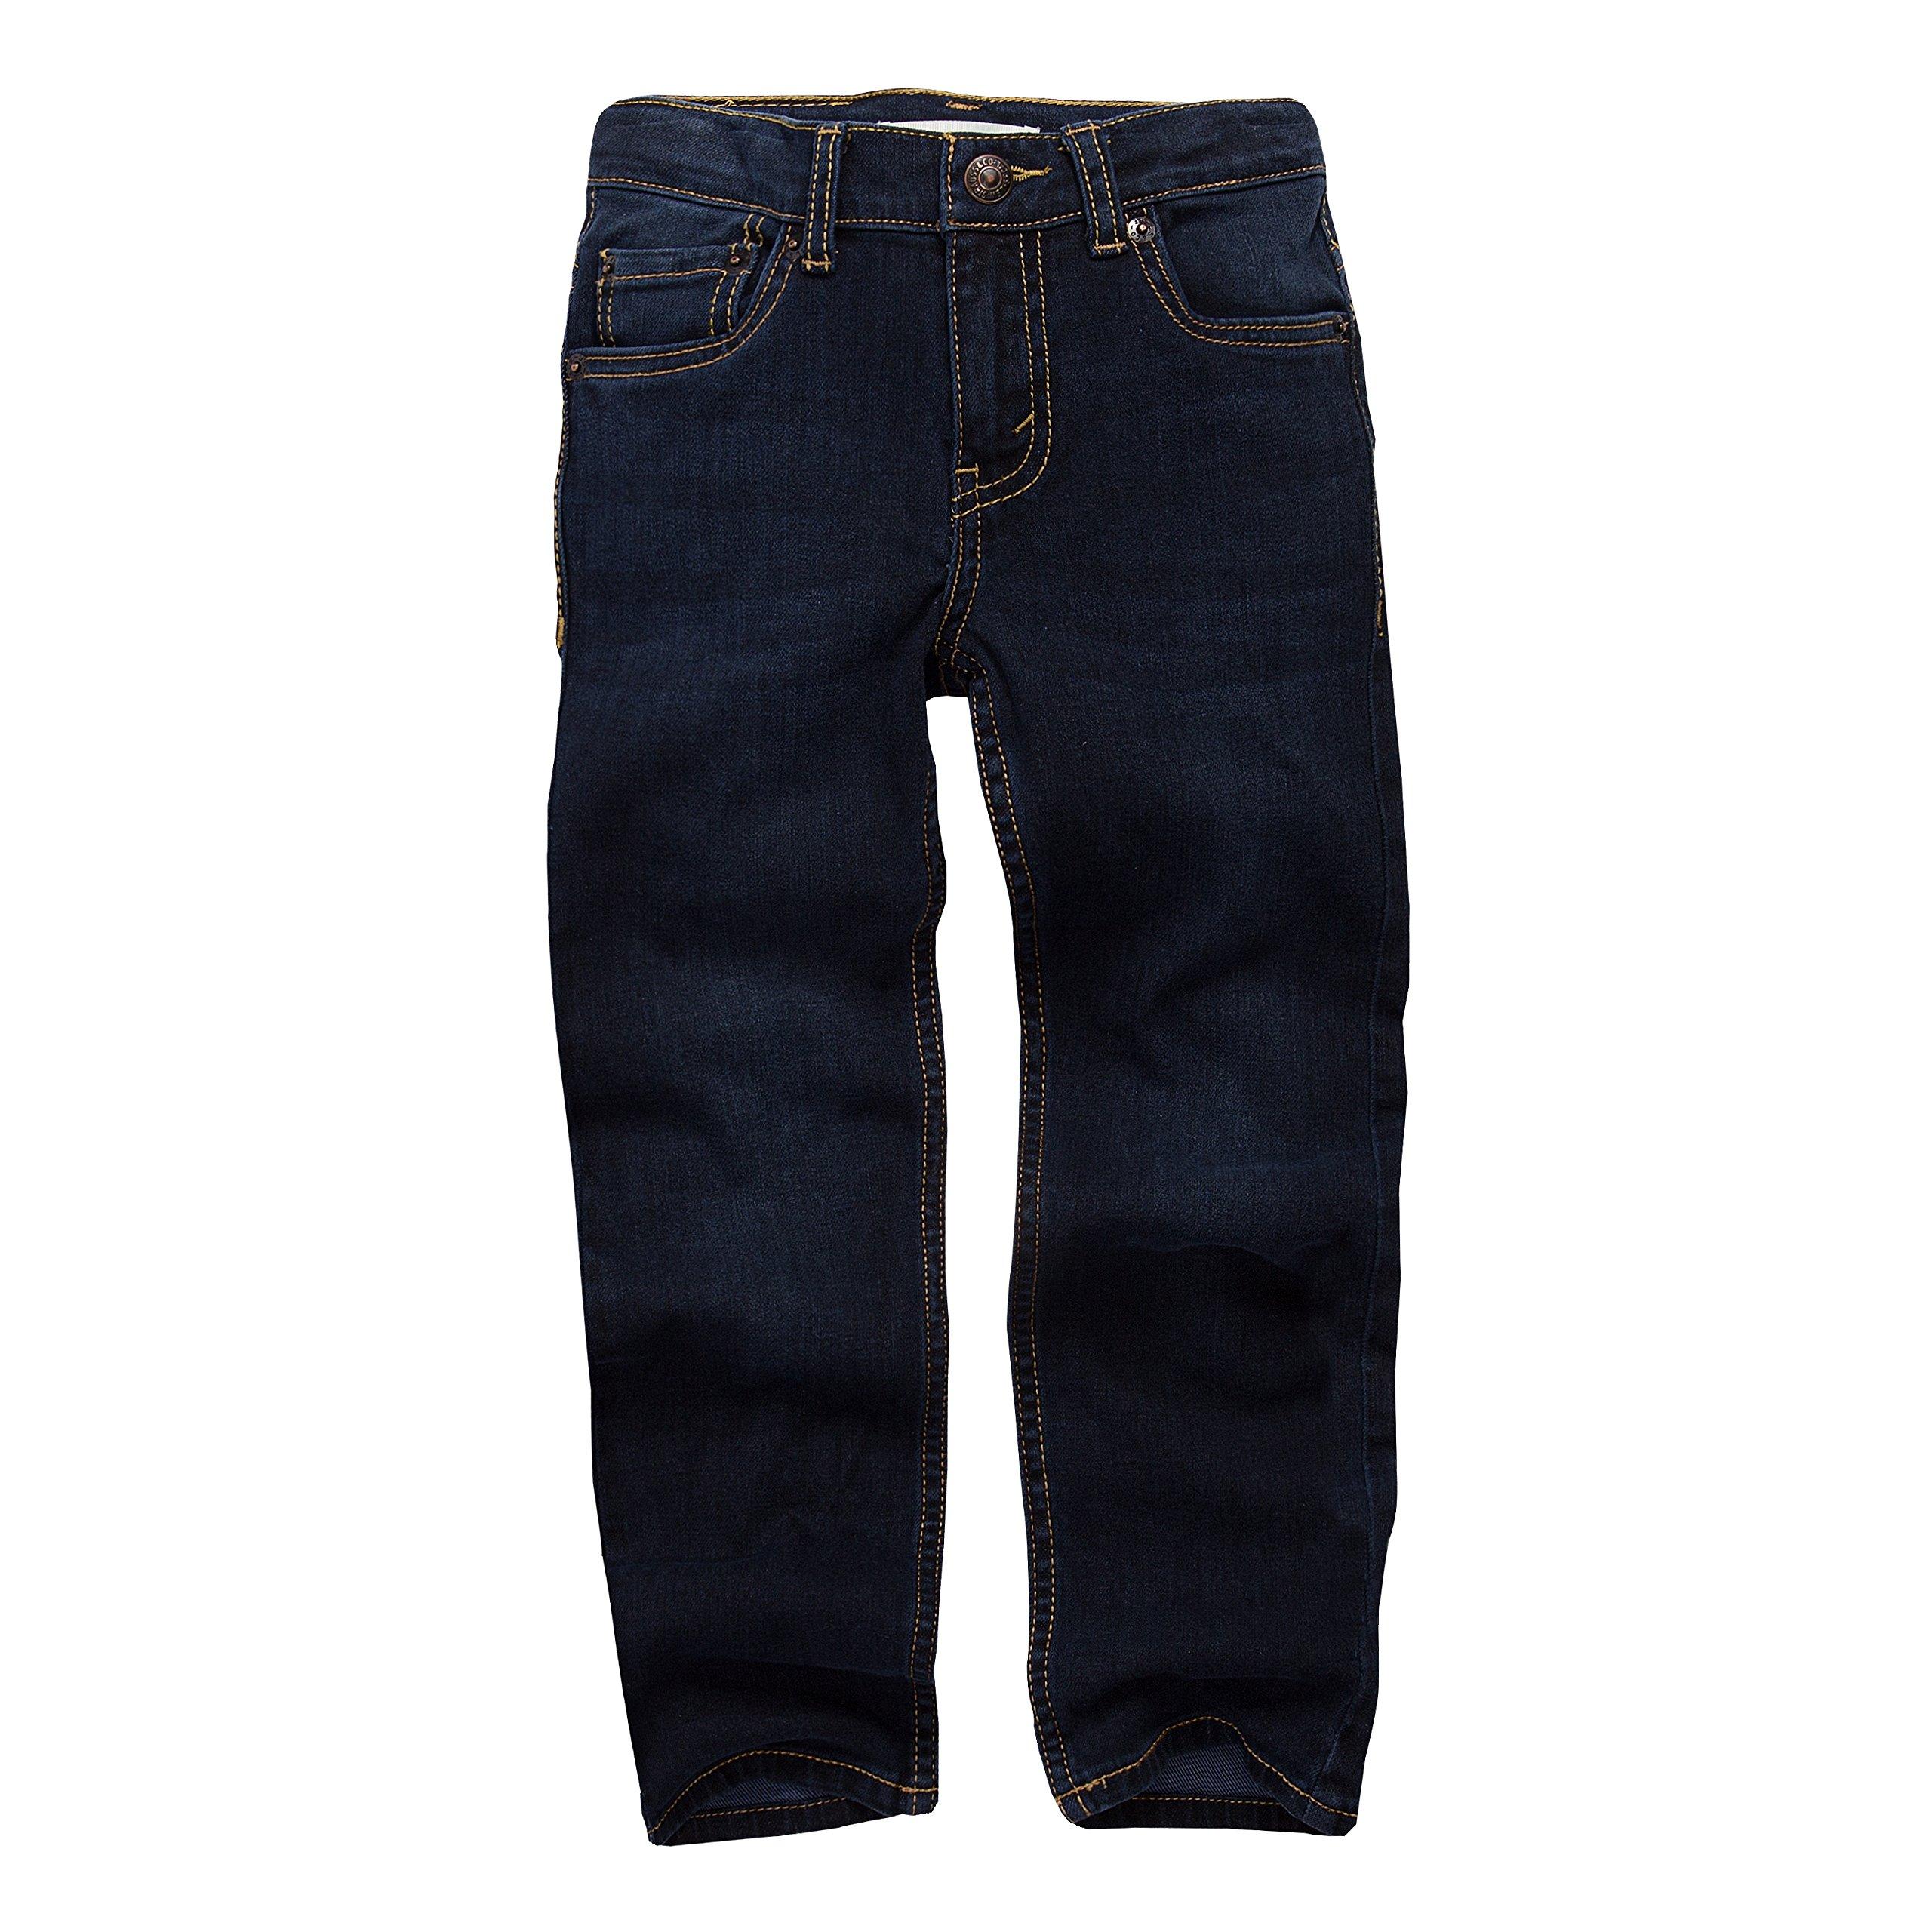 Levi's Boys' Little 510 Skinny Fit Jeans, Big Sur, 7X